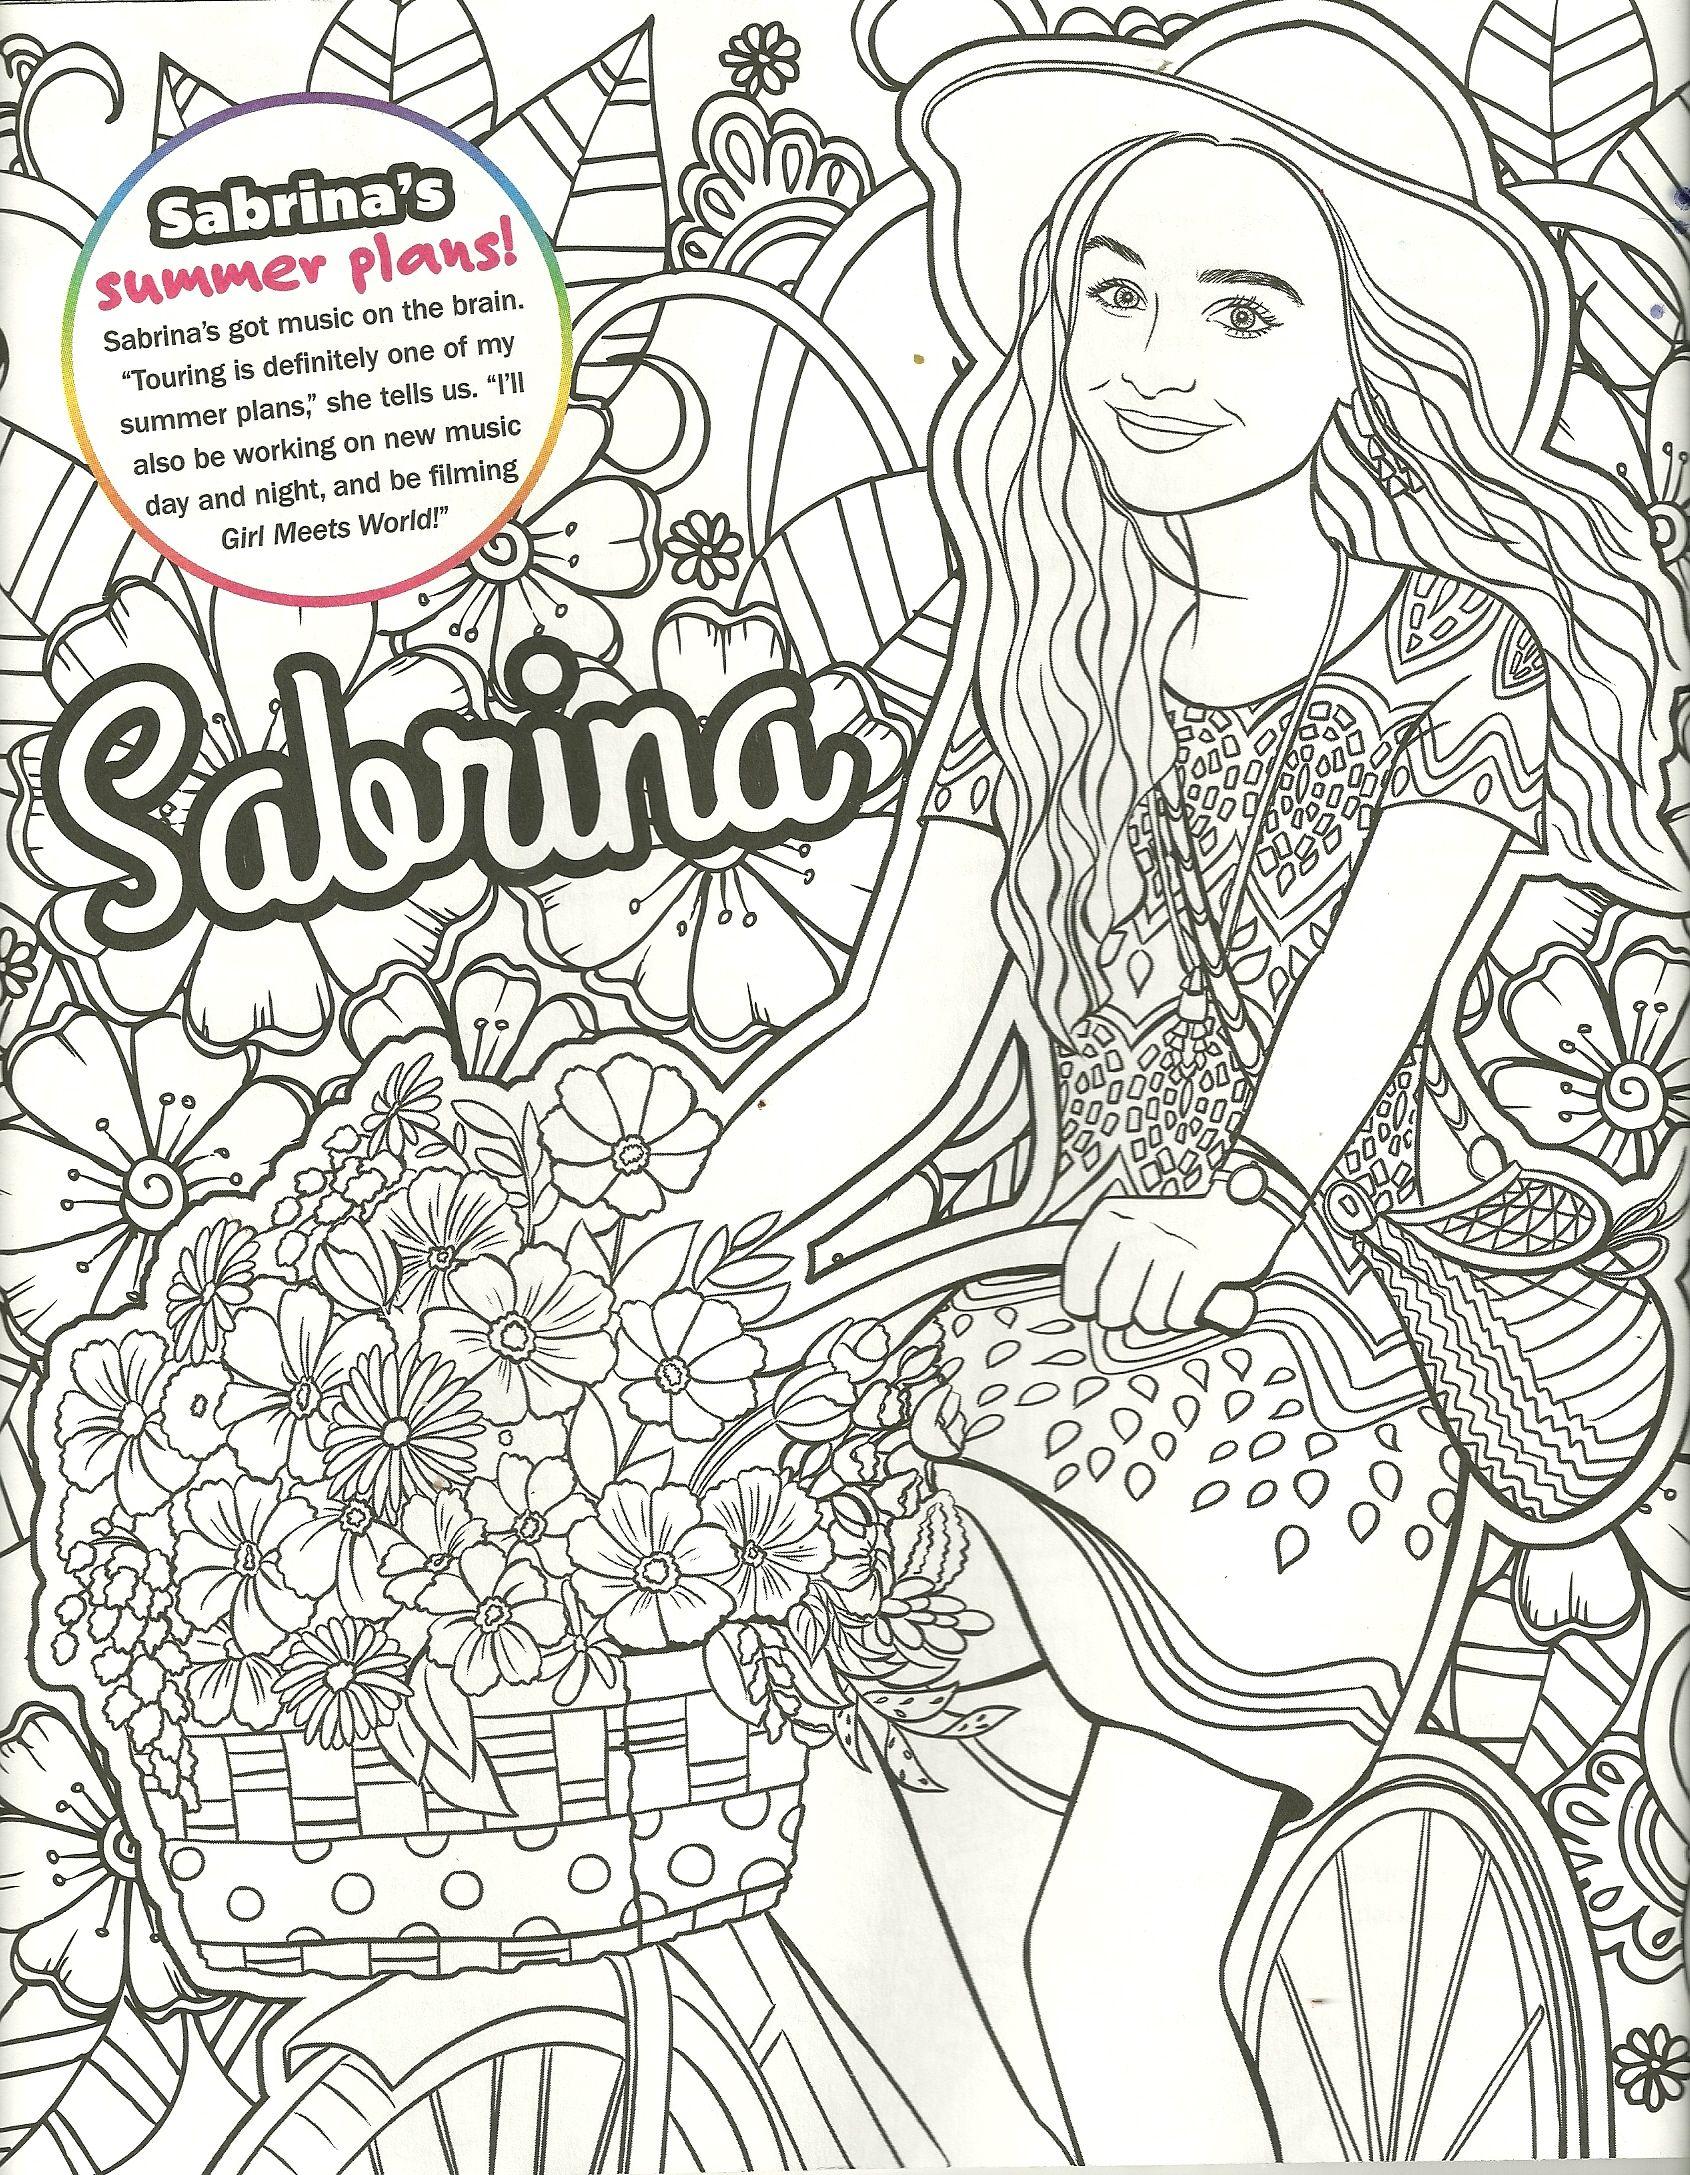 Sabrina carpenter coloring page  Sabrina carpenter, Coloring